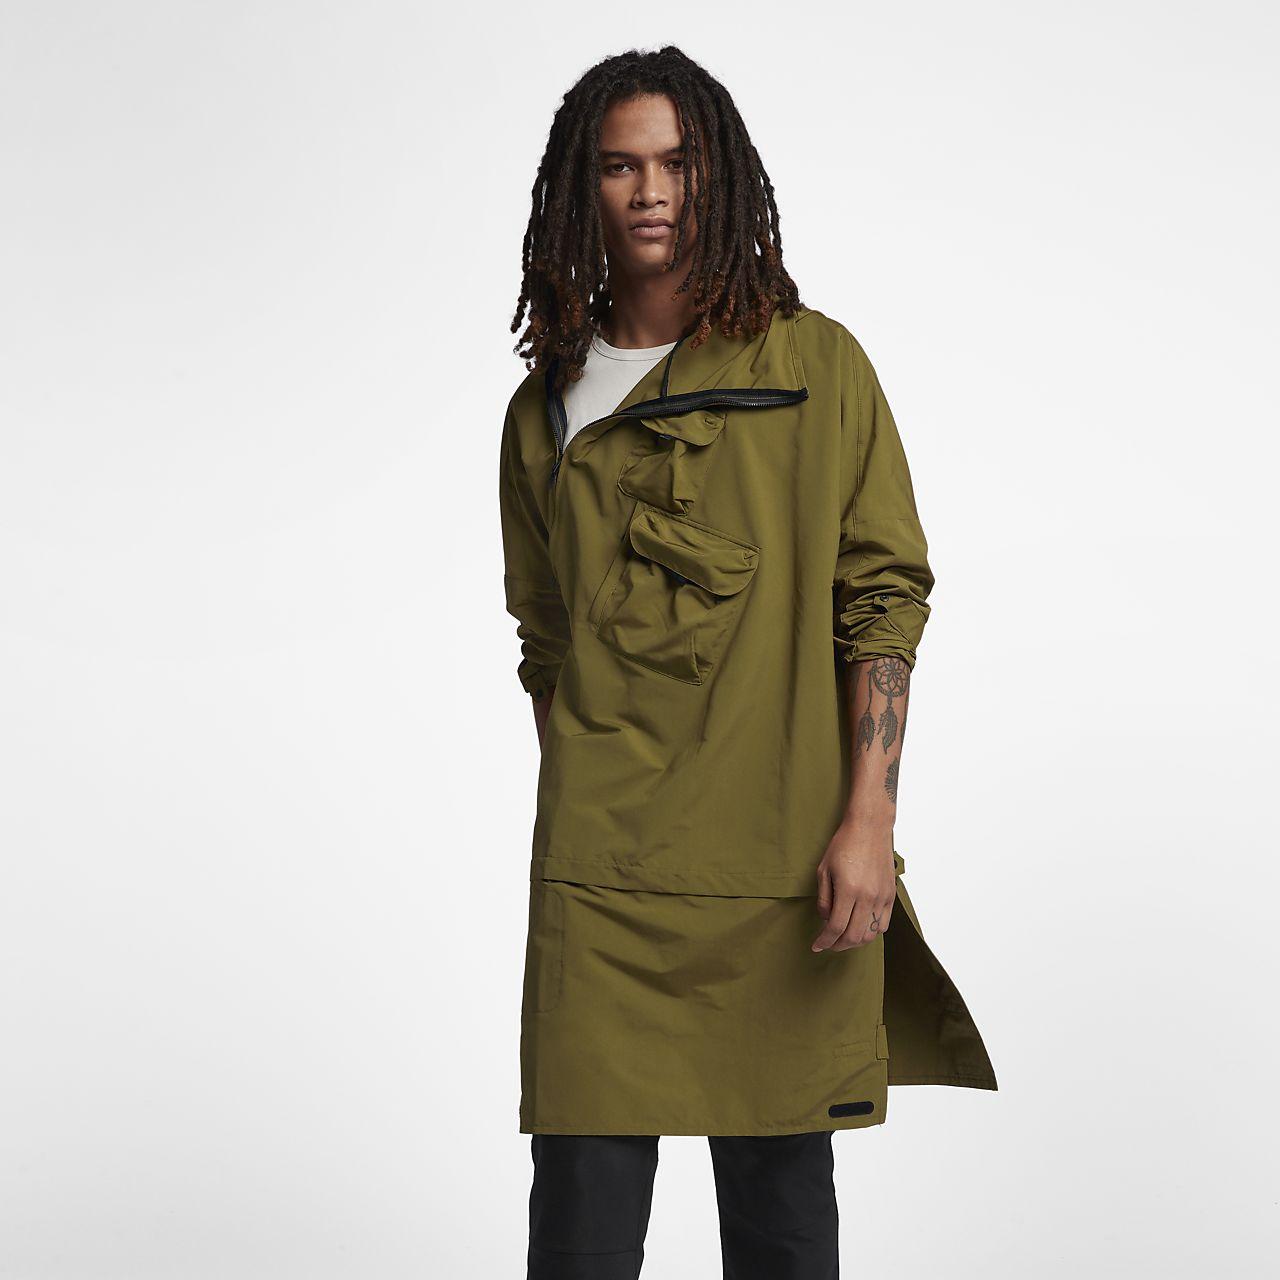 NikeLab AAE 2.0 Men's Jacket